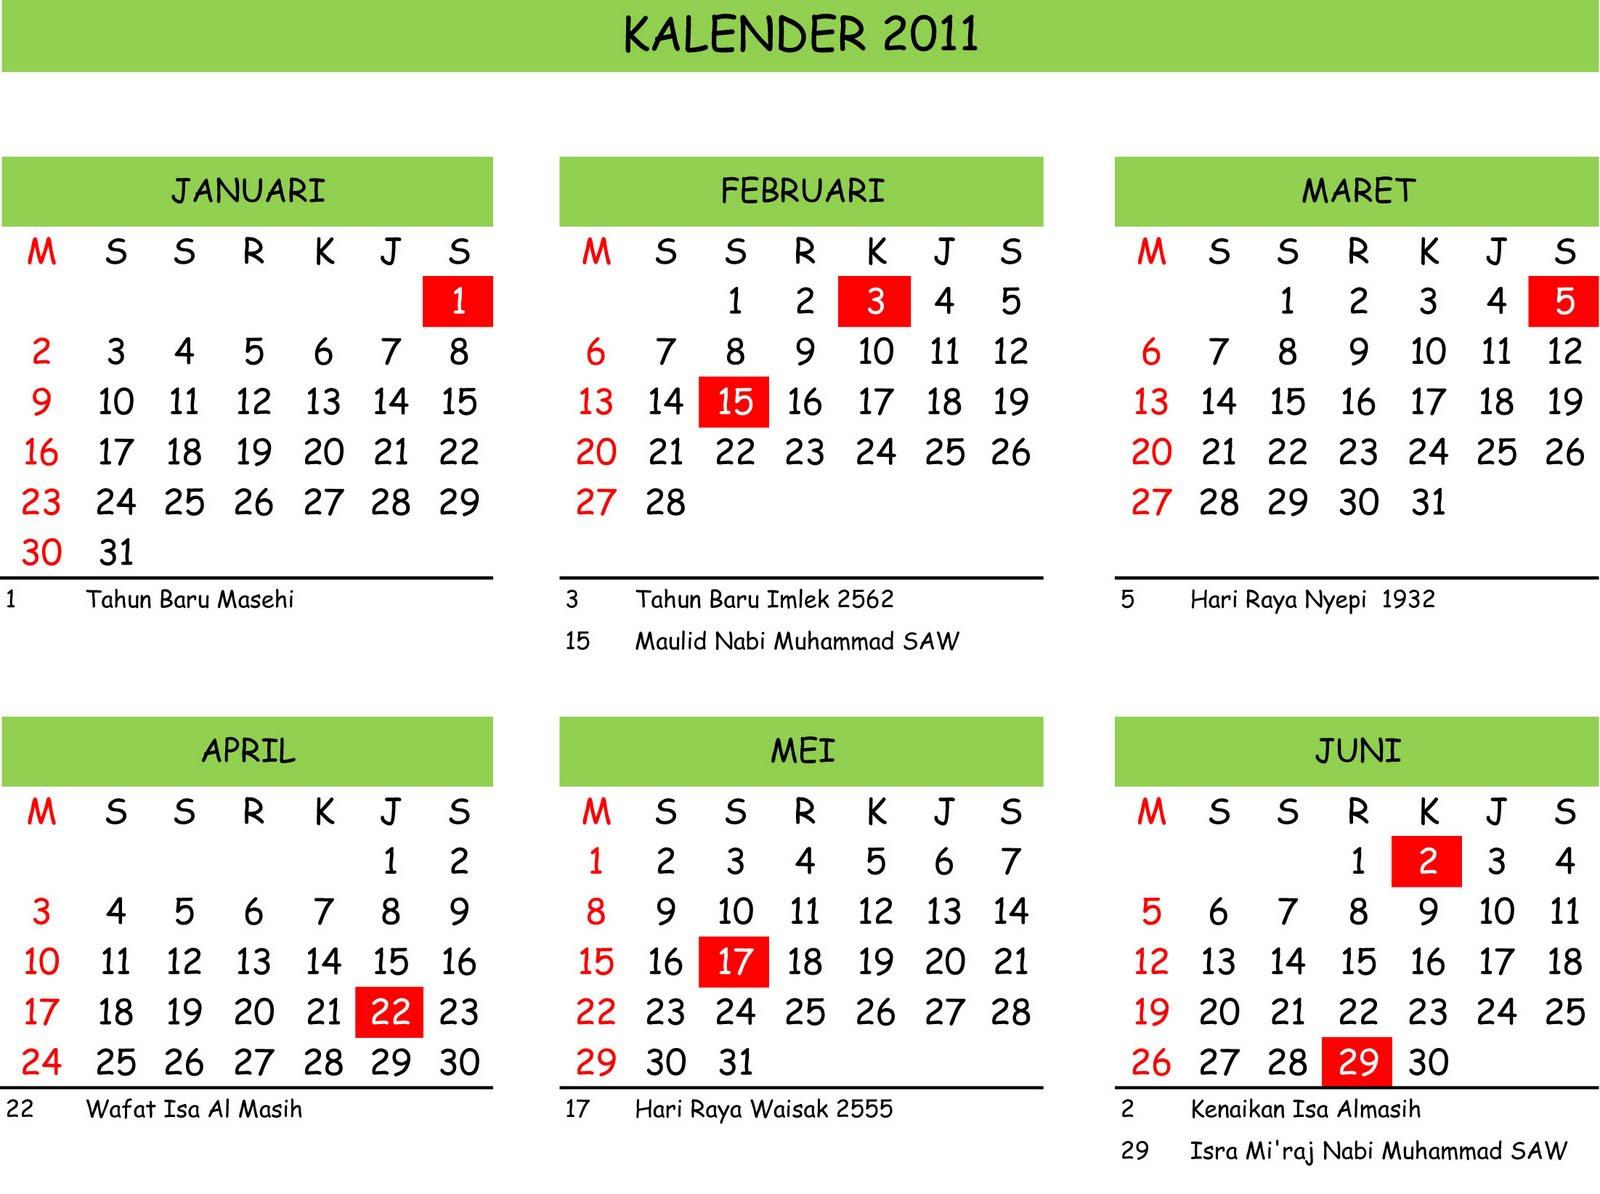 Kaleneri